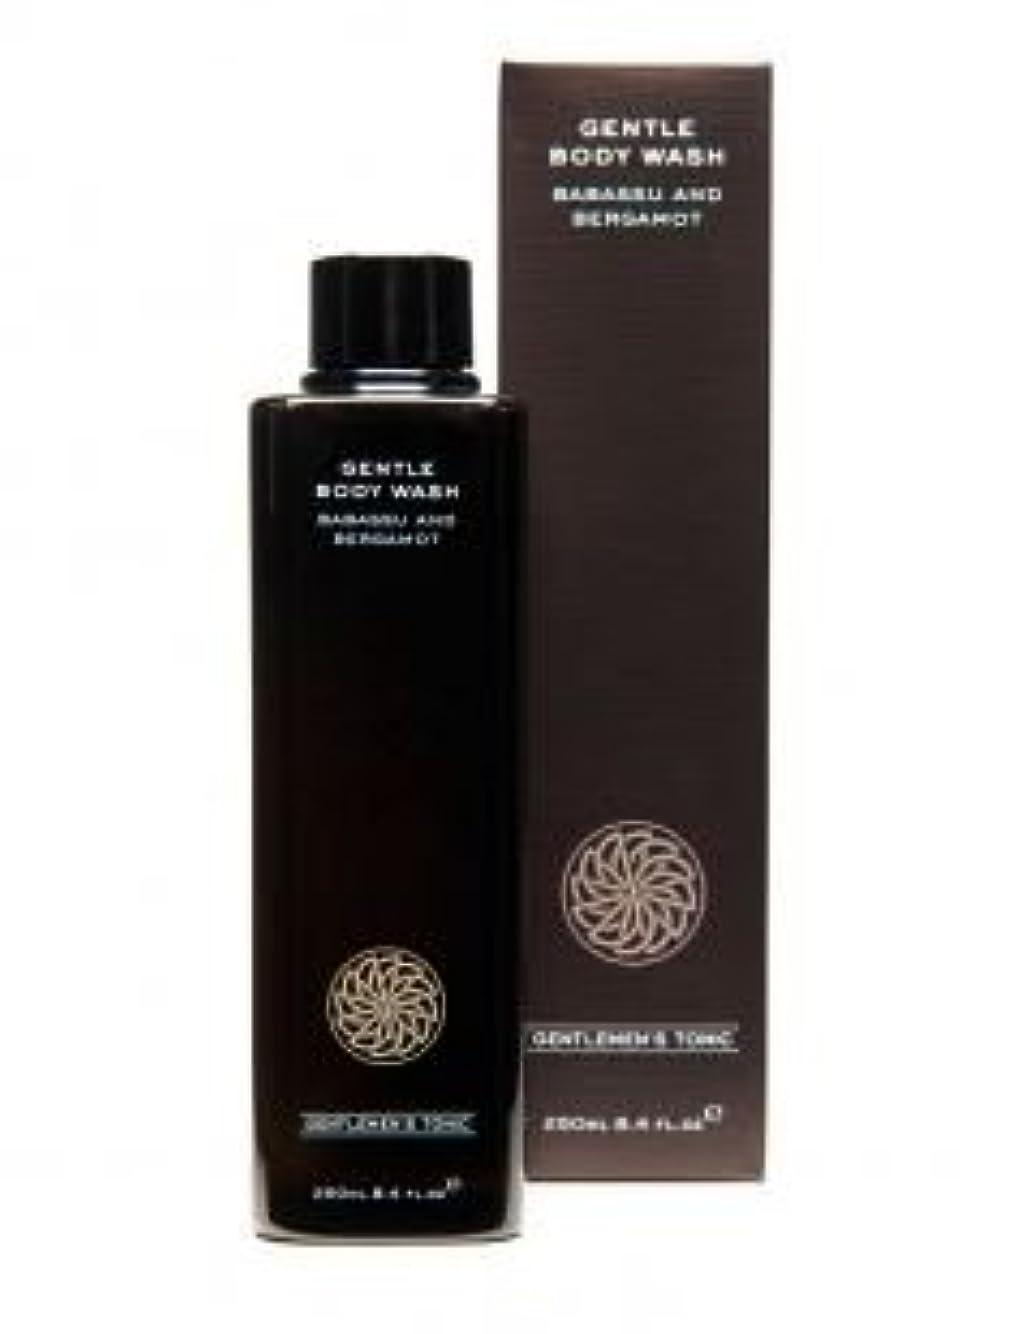 信仰驚き落とし穴Gentlemen's Tonic ジェントルメンズトニック Gentle Body Wash (ジェントルボディウォッシュ) 250ml